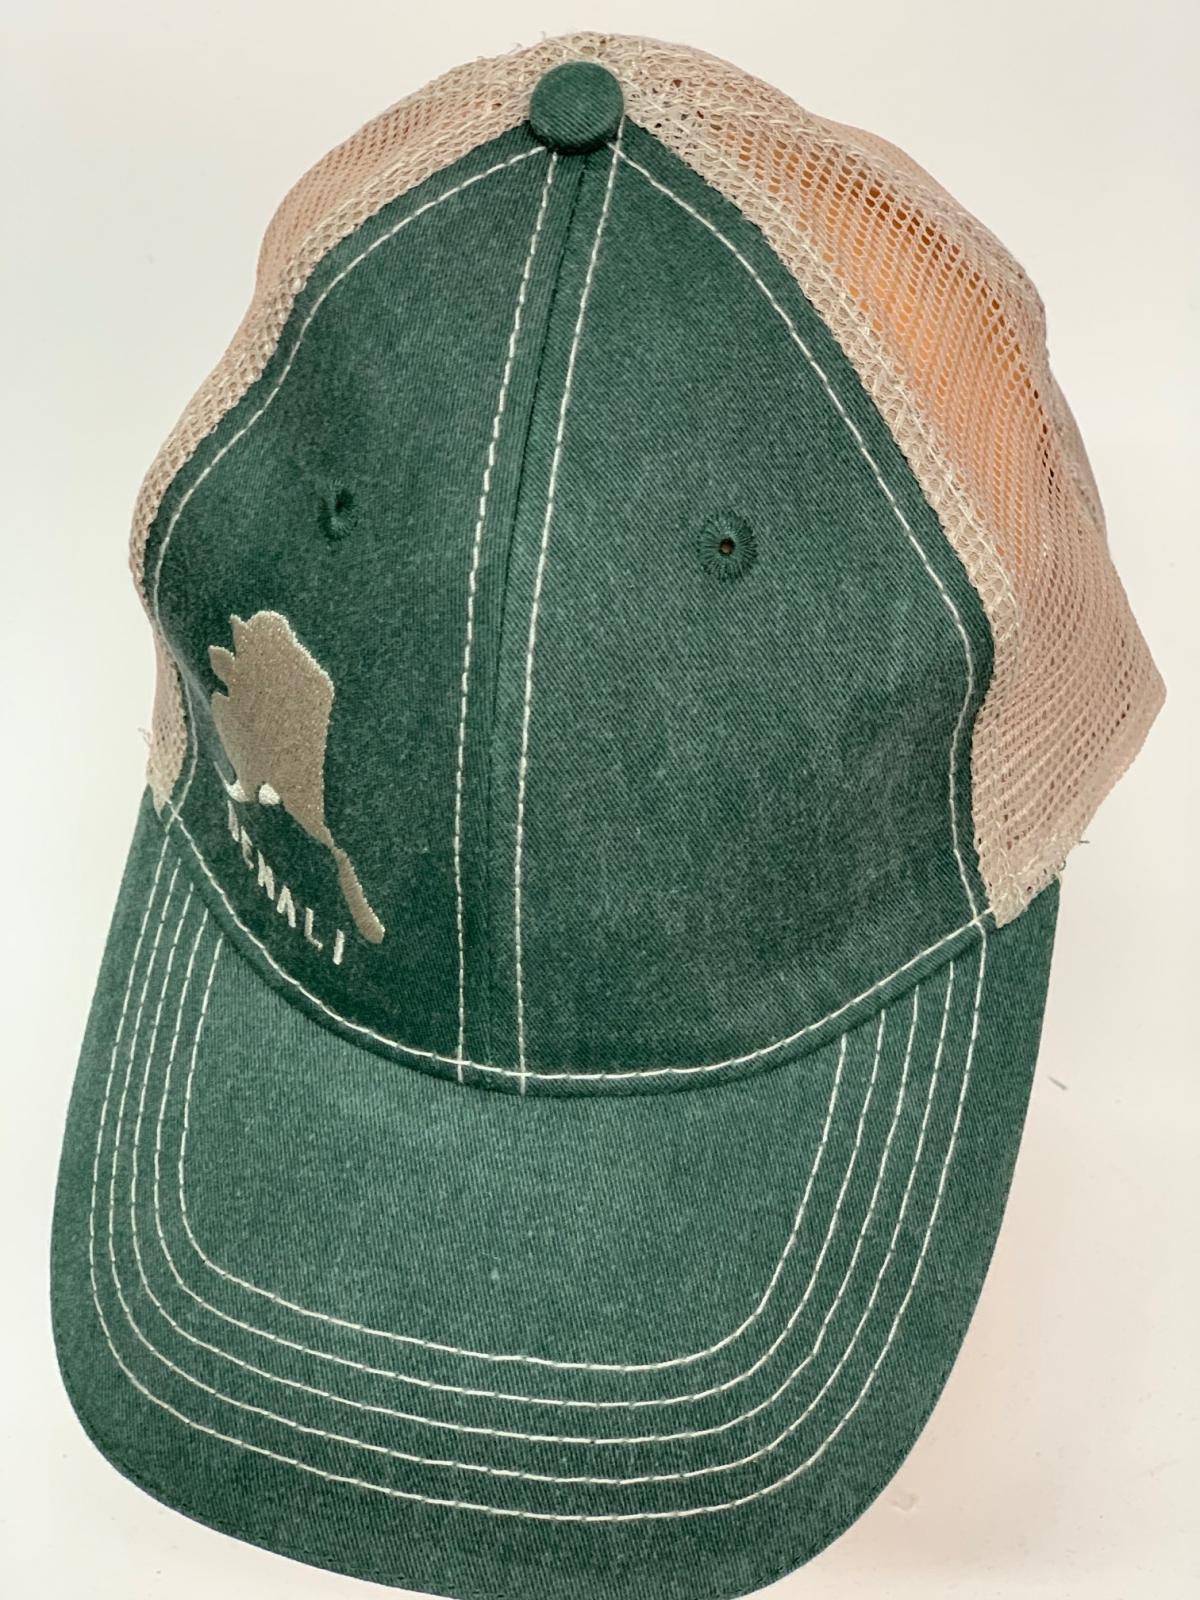 Бейсболка Denali зеленого цвета с сеткой